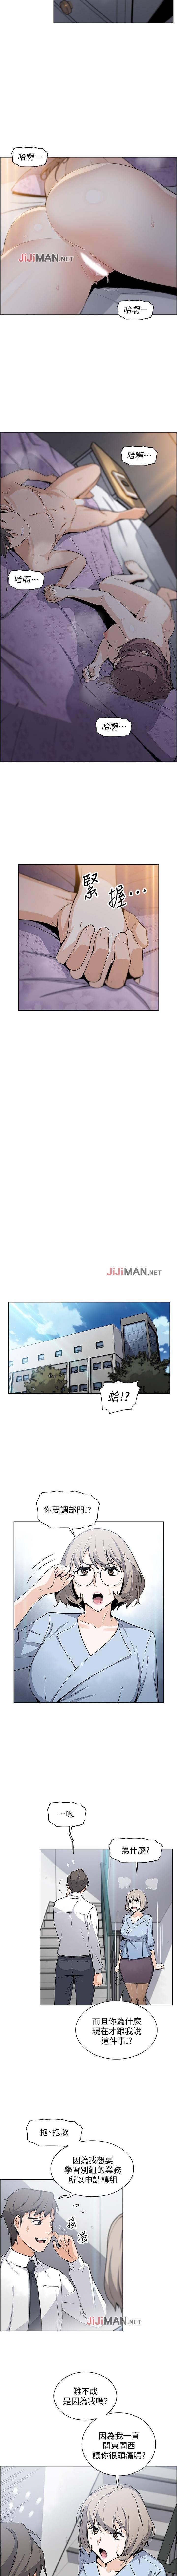 【周四连载】前女友变女佣(作者:PAPER&頸枕) 第1~33话 206